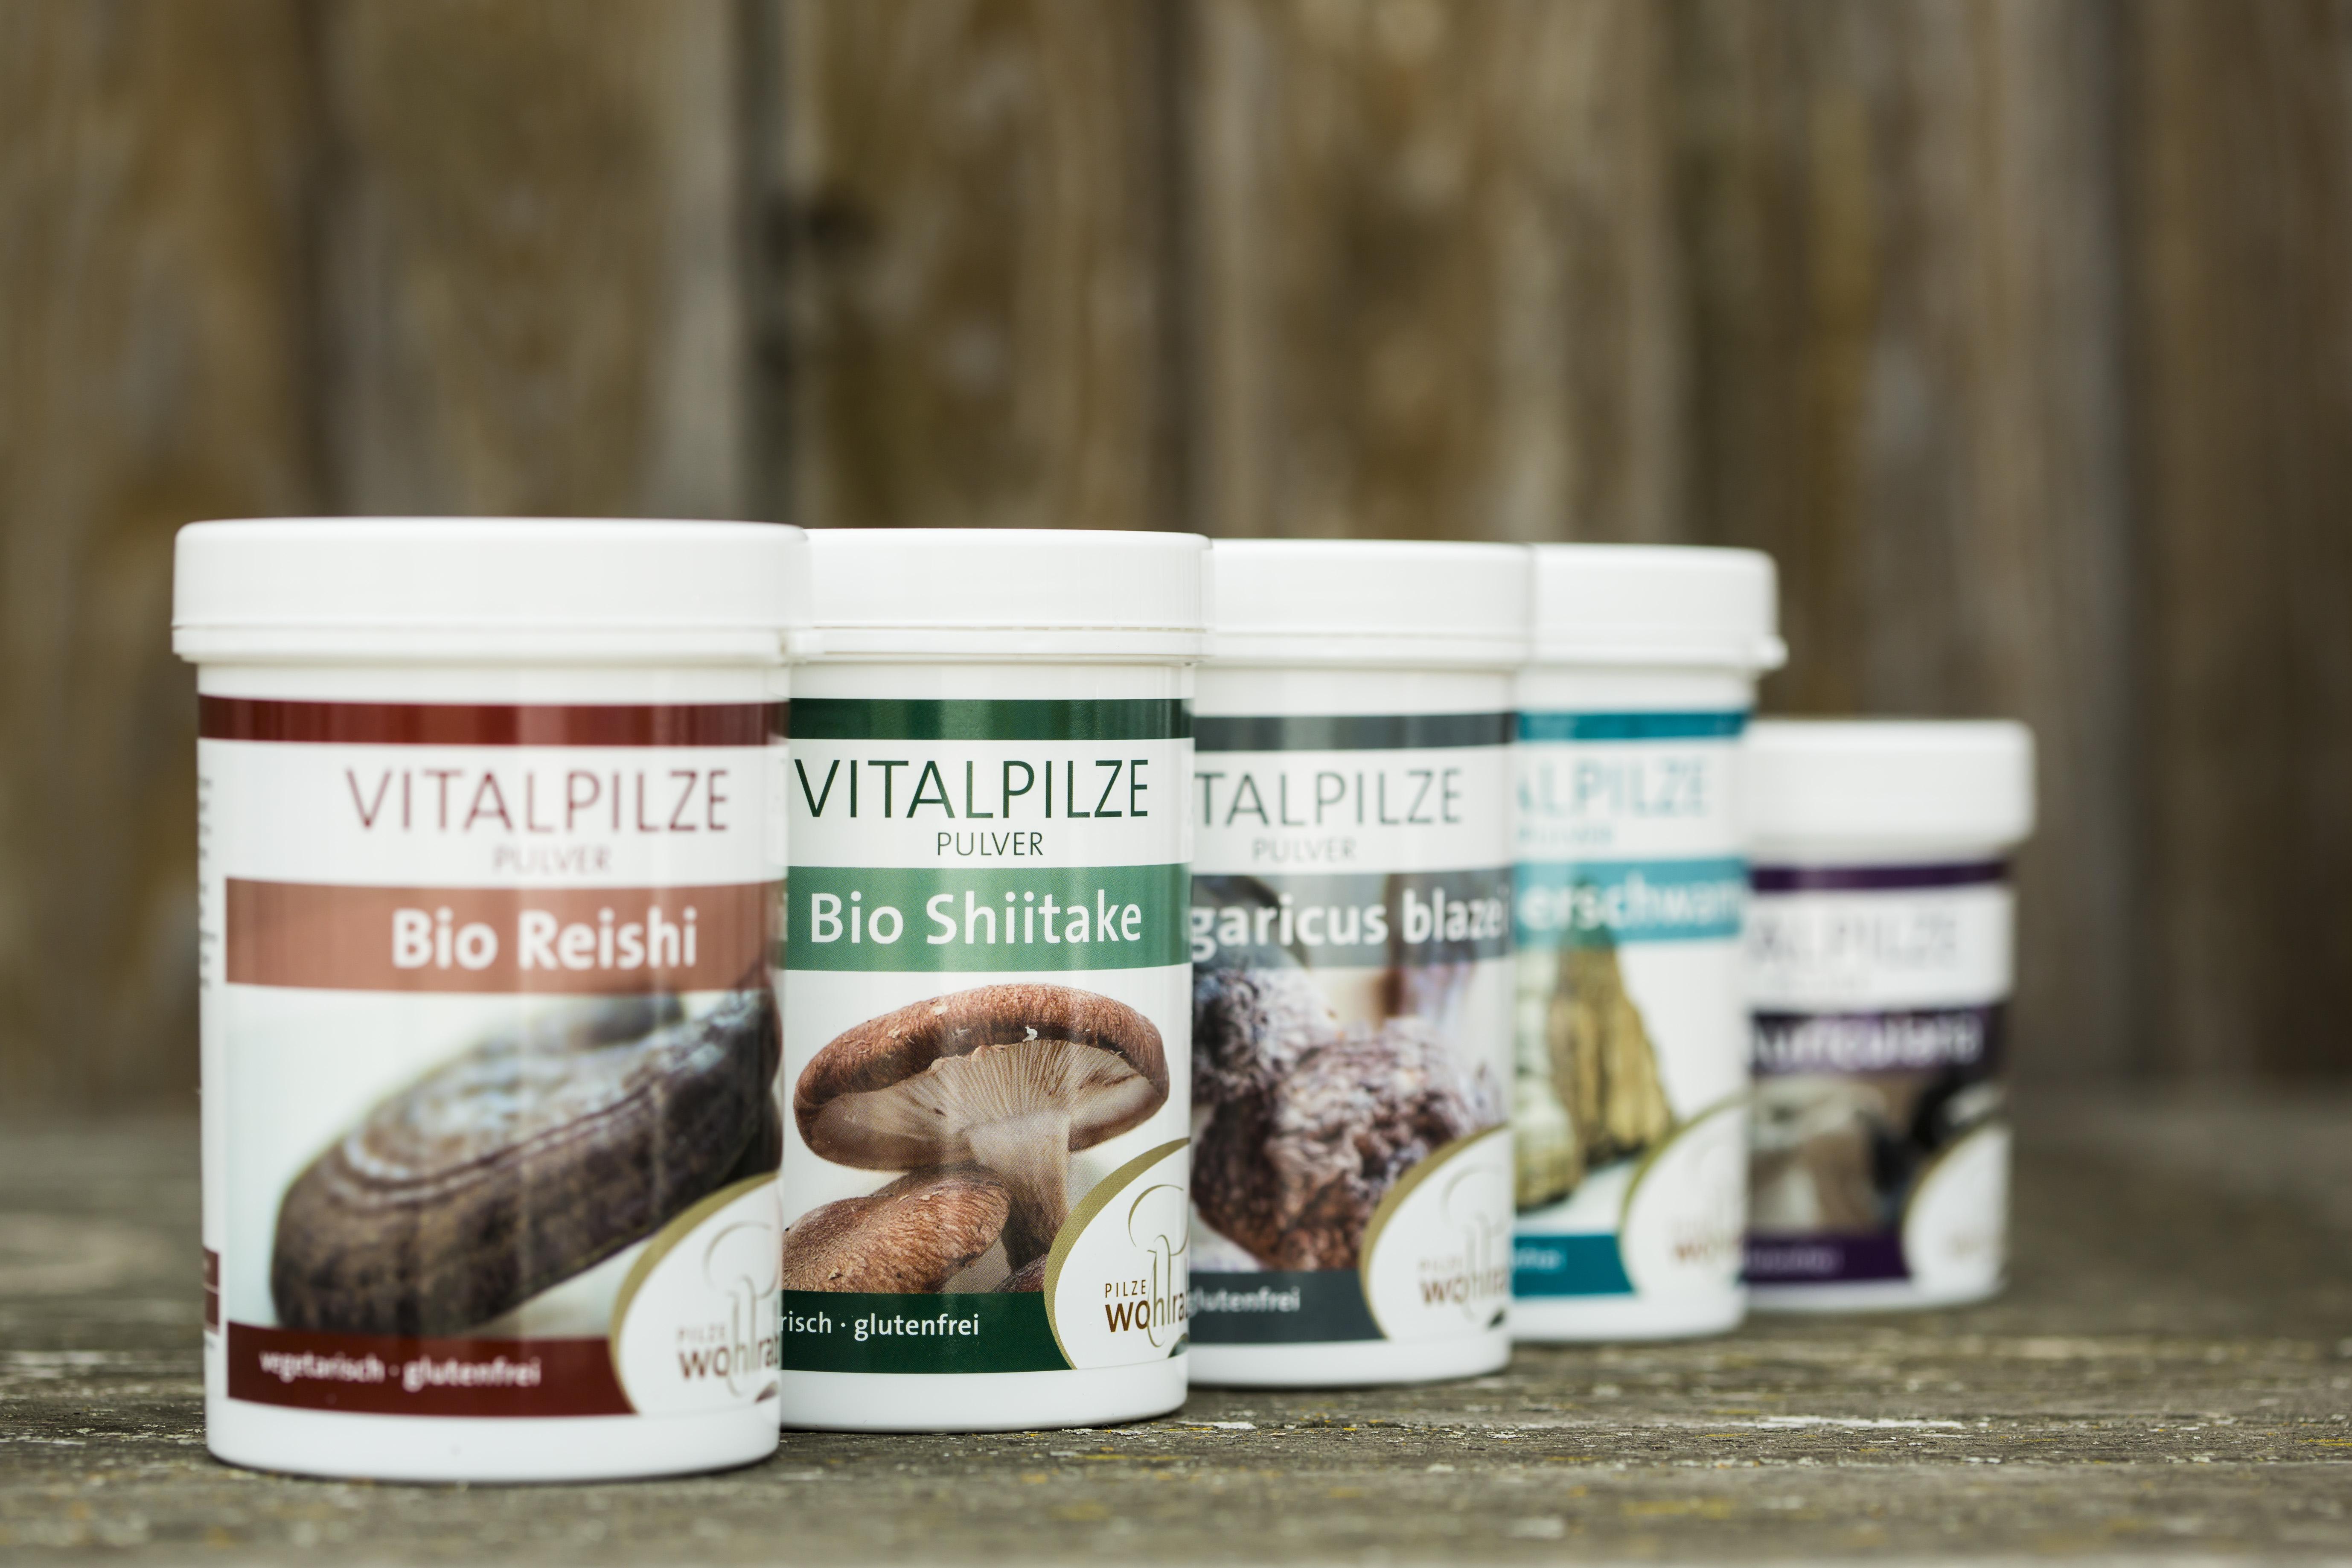 Eine Auswahl an Produkten von Pilze Wohlrab.